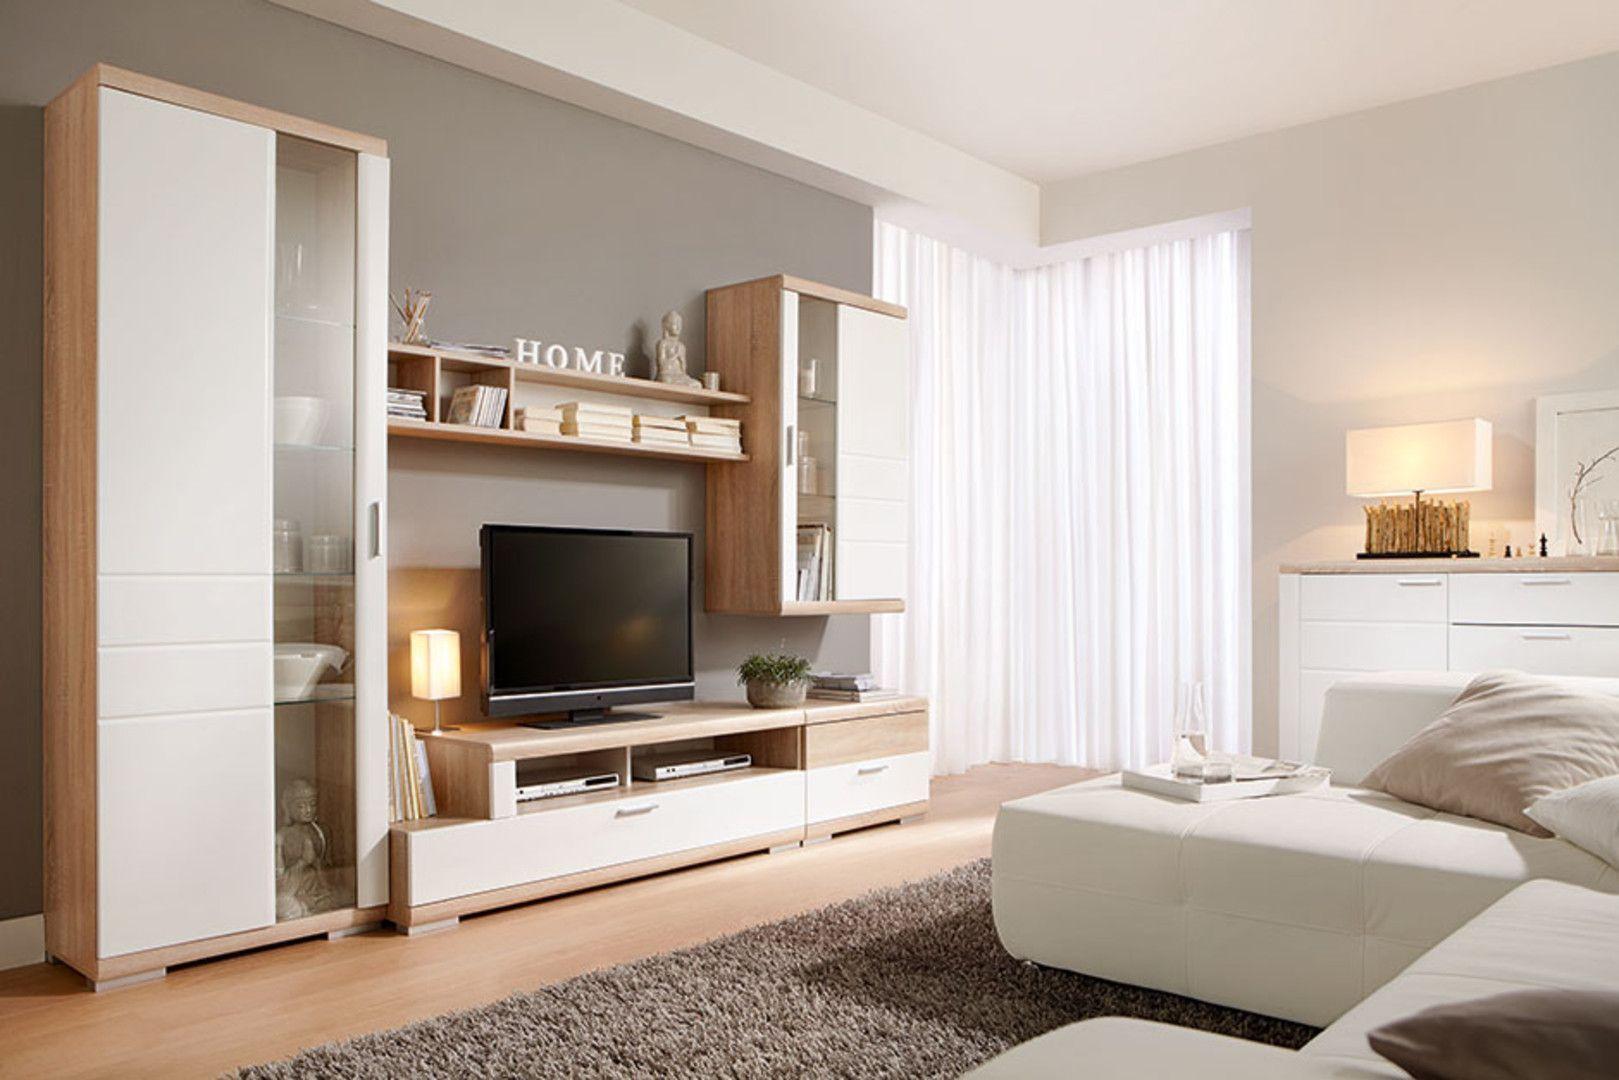 mömax: Exklusive Wohnzimmer für jeden Stil #News #Wohnzimmer ...